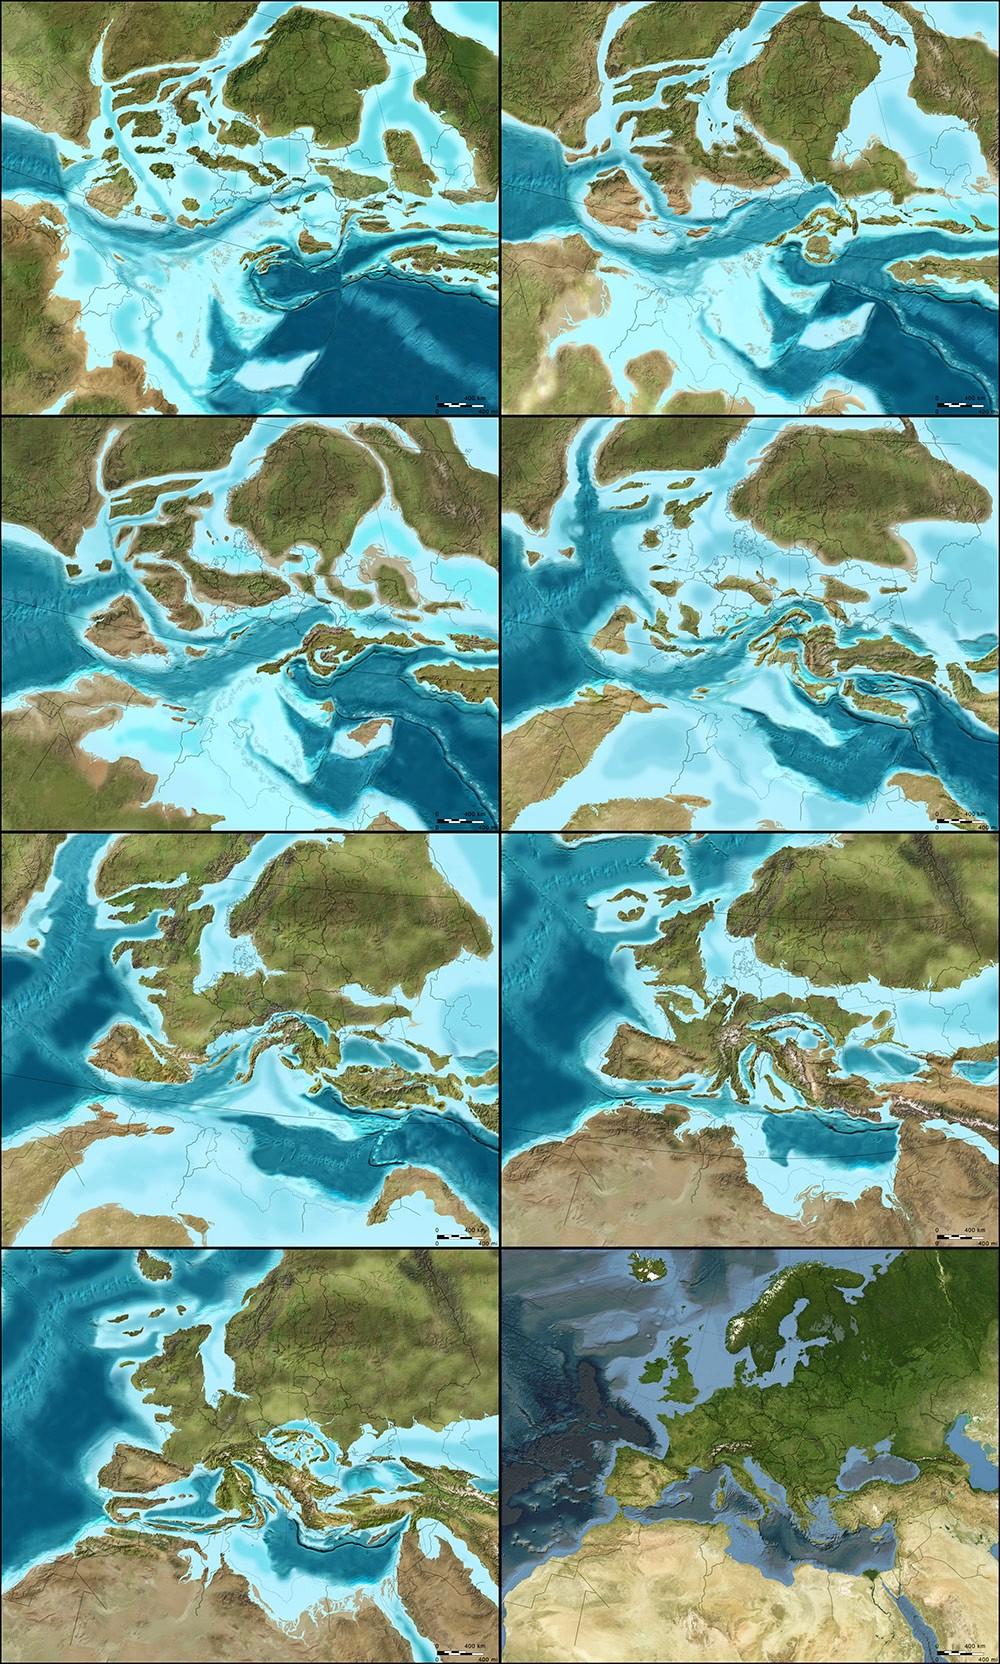 Plate tectonics bldgblog publicscrutiny Images